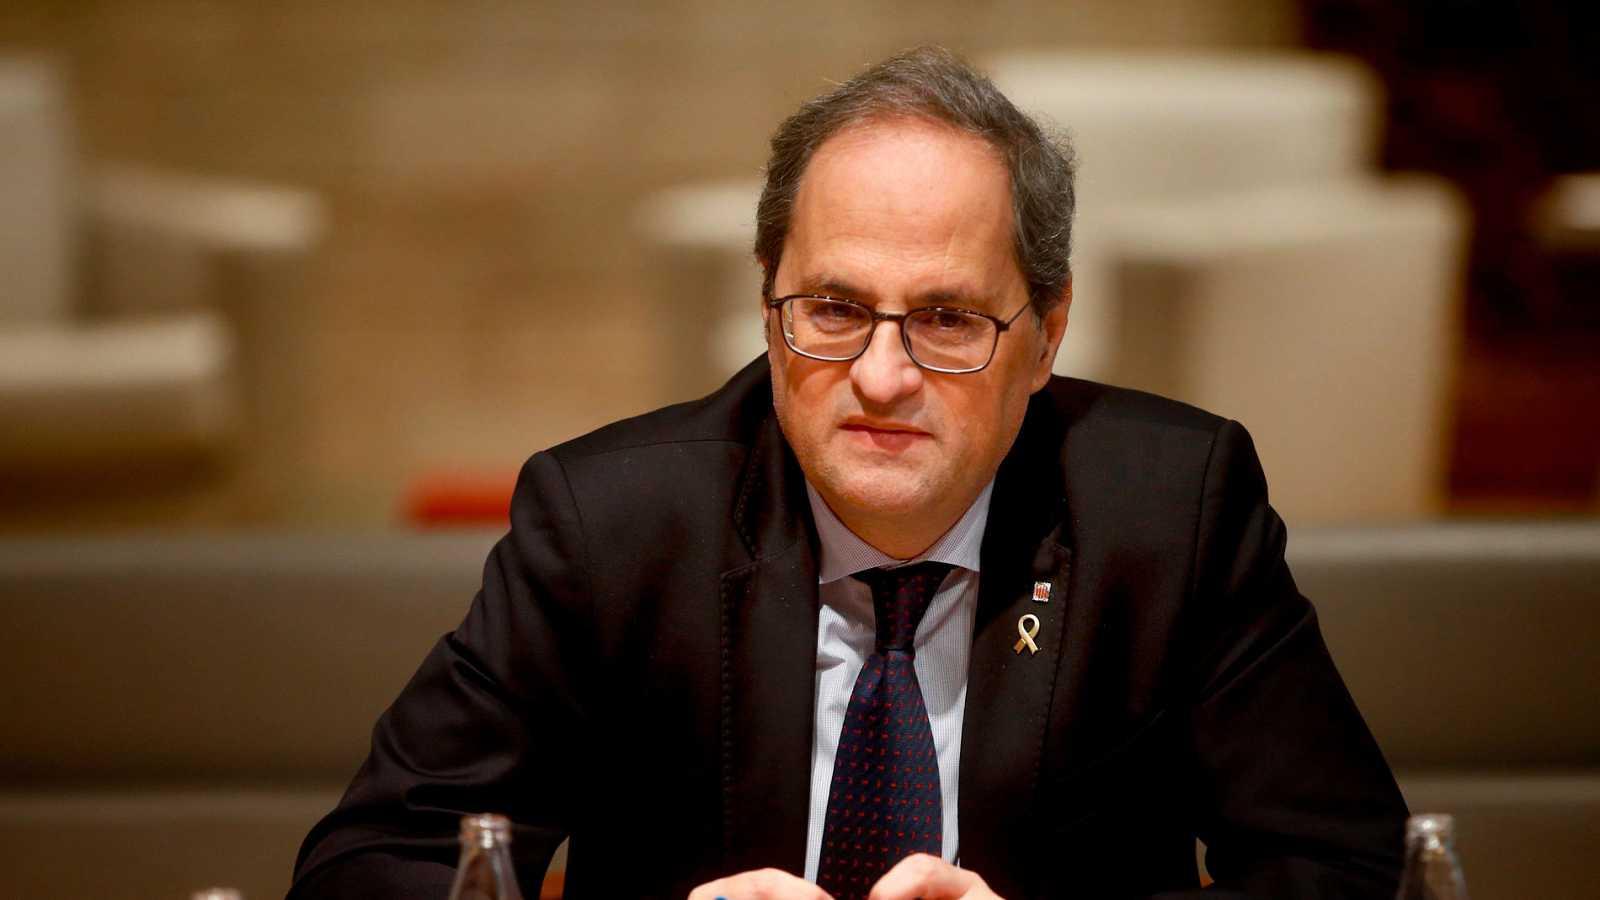 El presidente catalán, Quim Torra, durante una reunión en el Palau de la Generalitat.